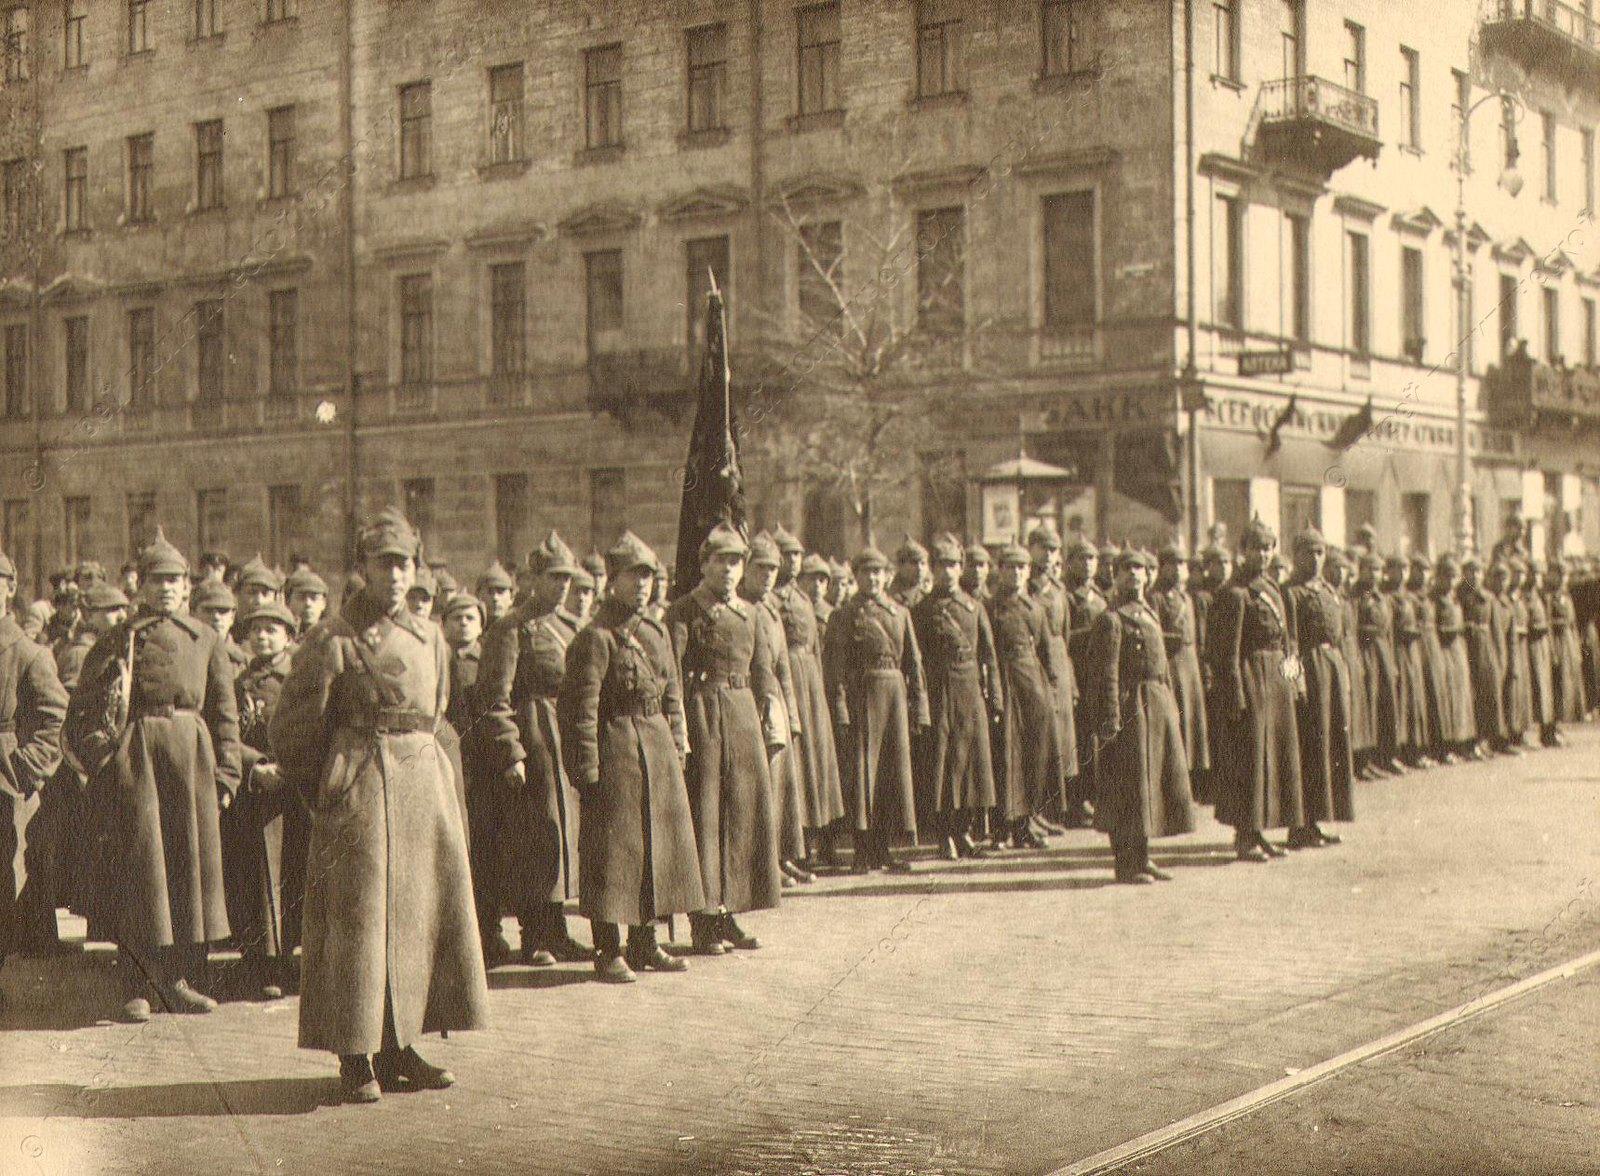 1918. Группа бойцов Красной Армии в строю